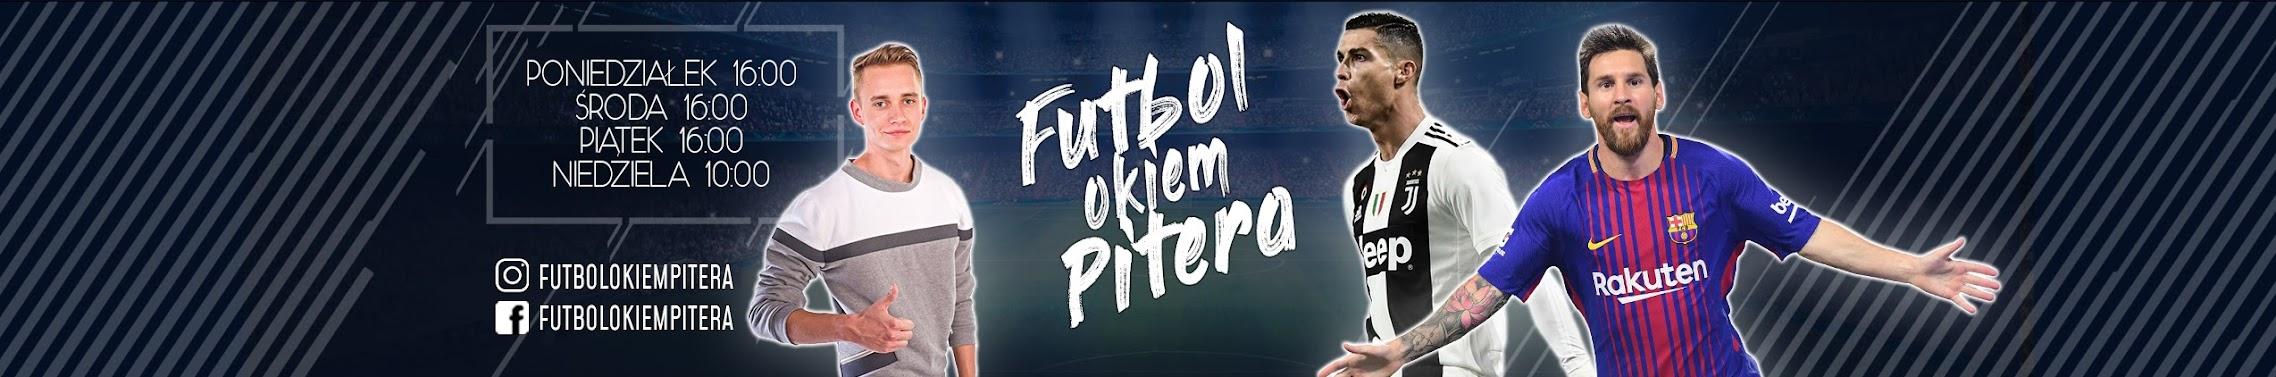 Futbol okiem Pitera